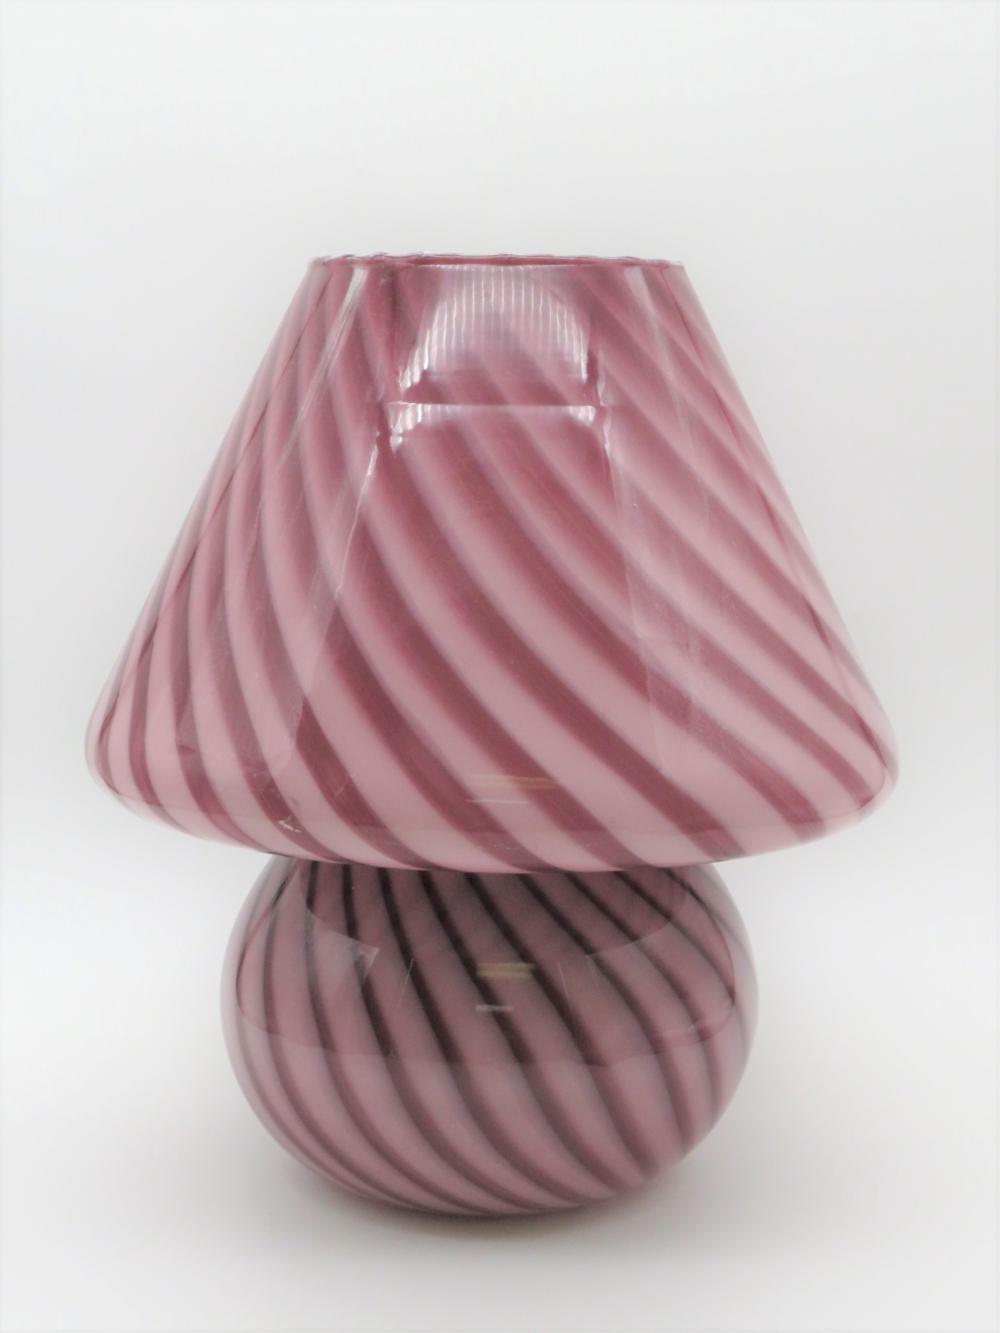 Vintage Murano Pink Swirl Glass Mushroom Lamp